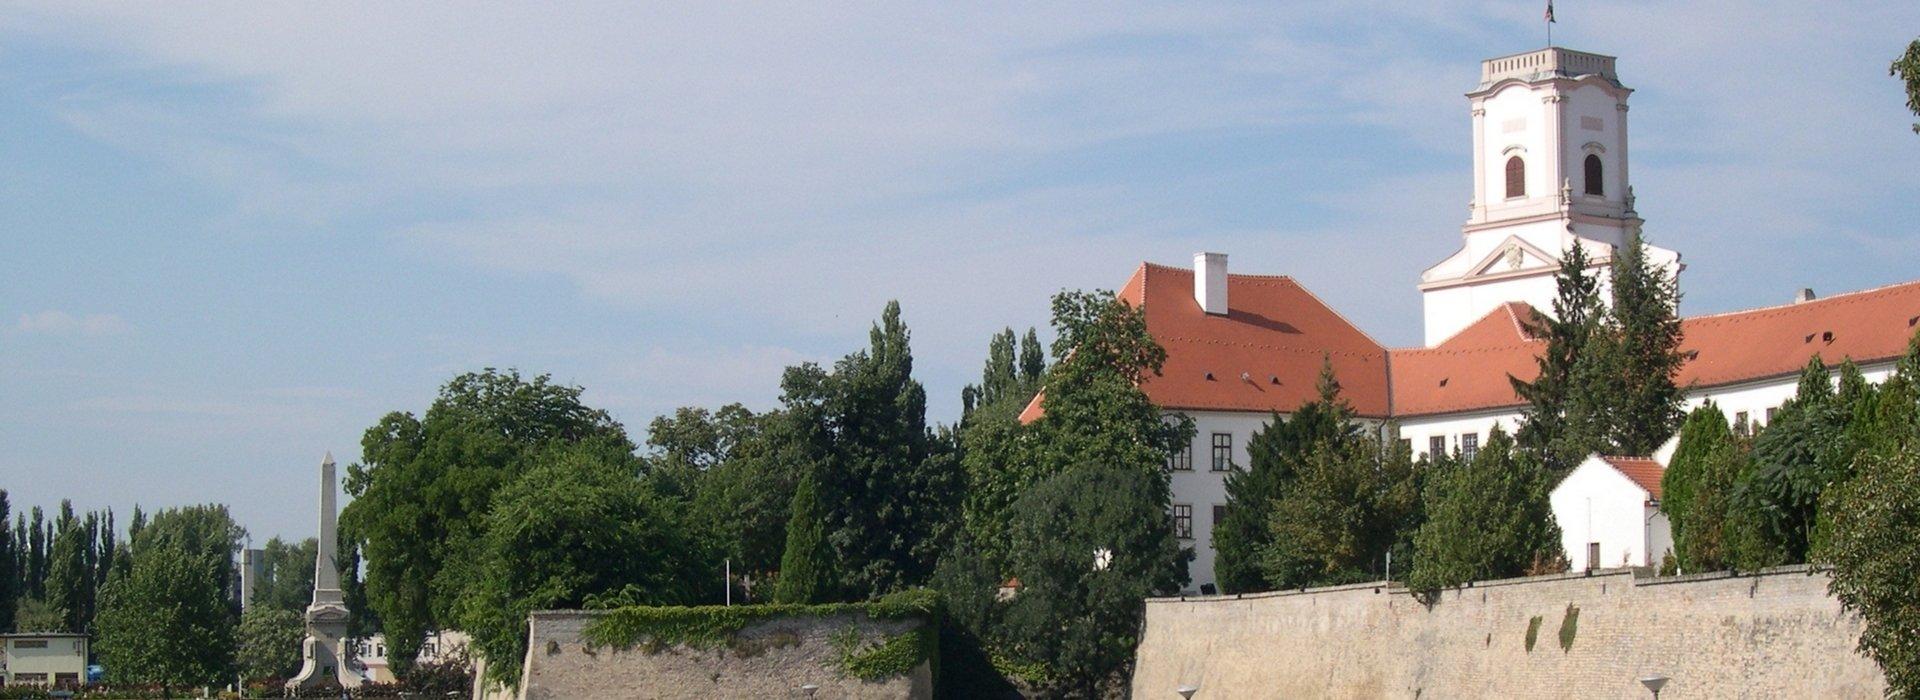 Győr Resie